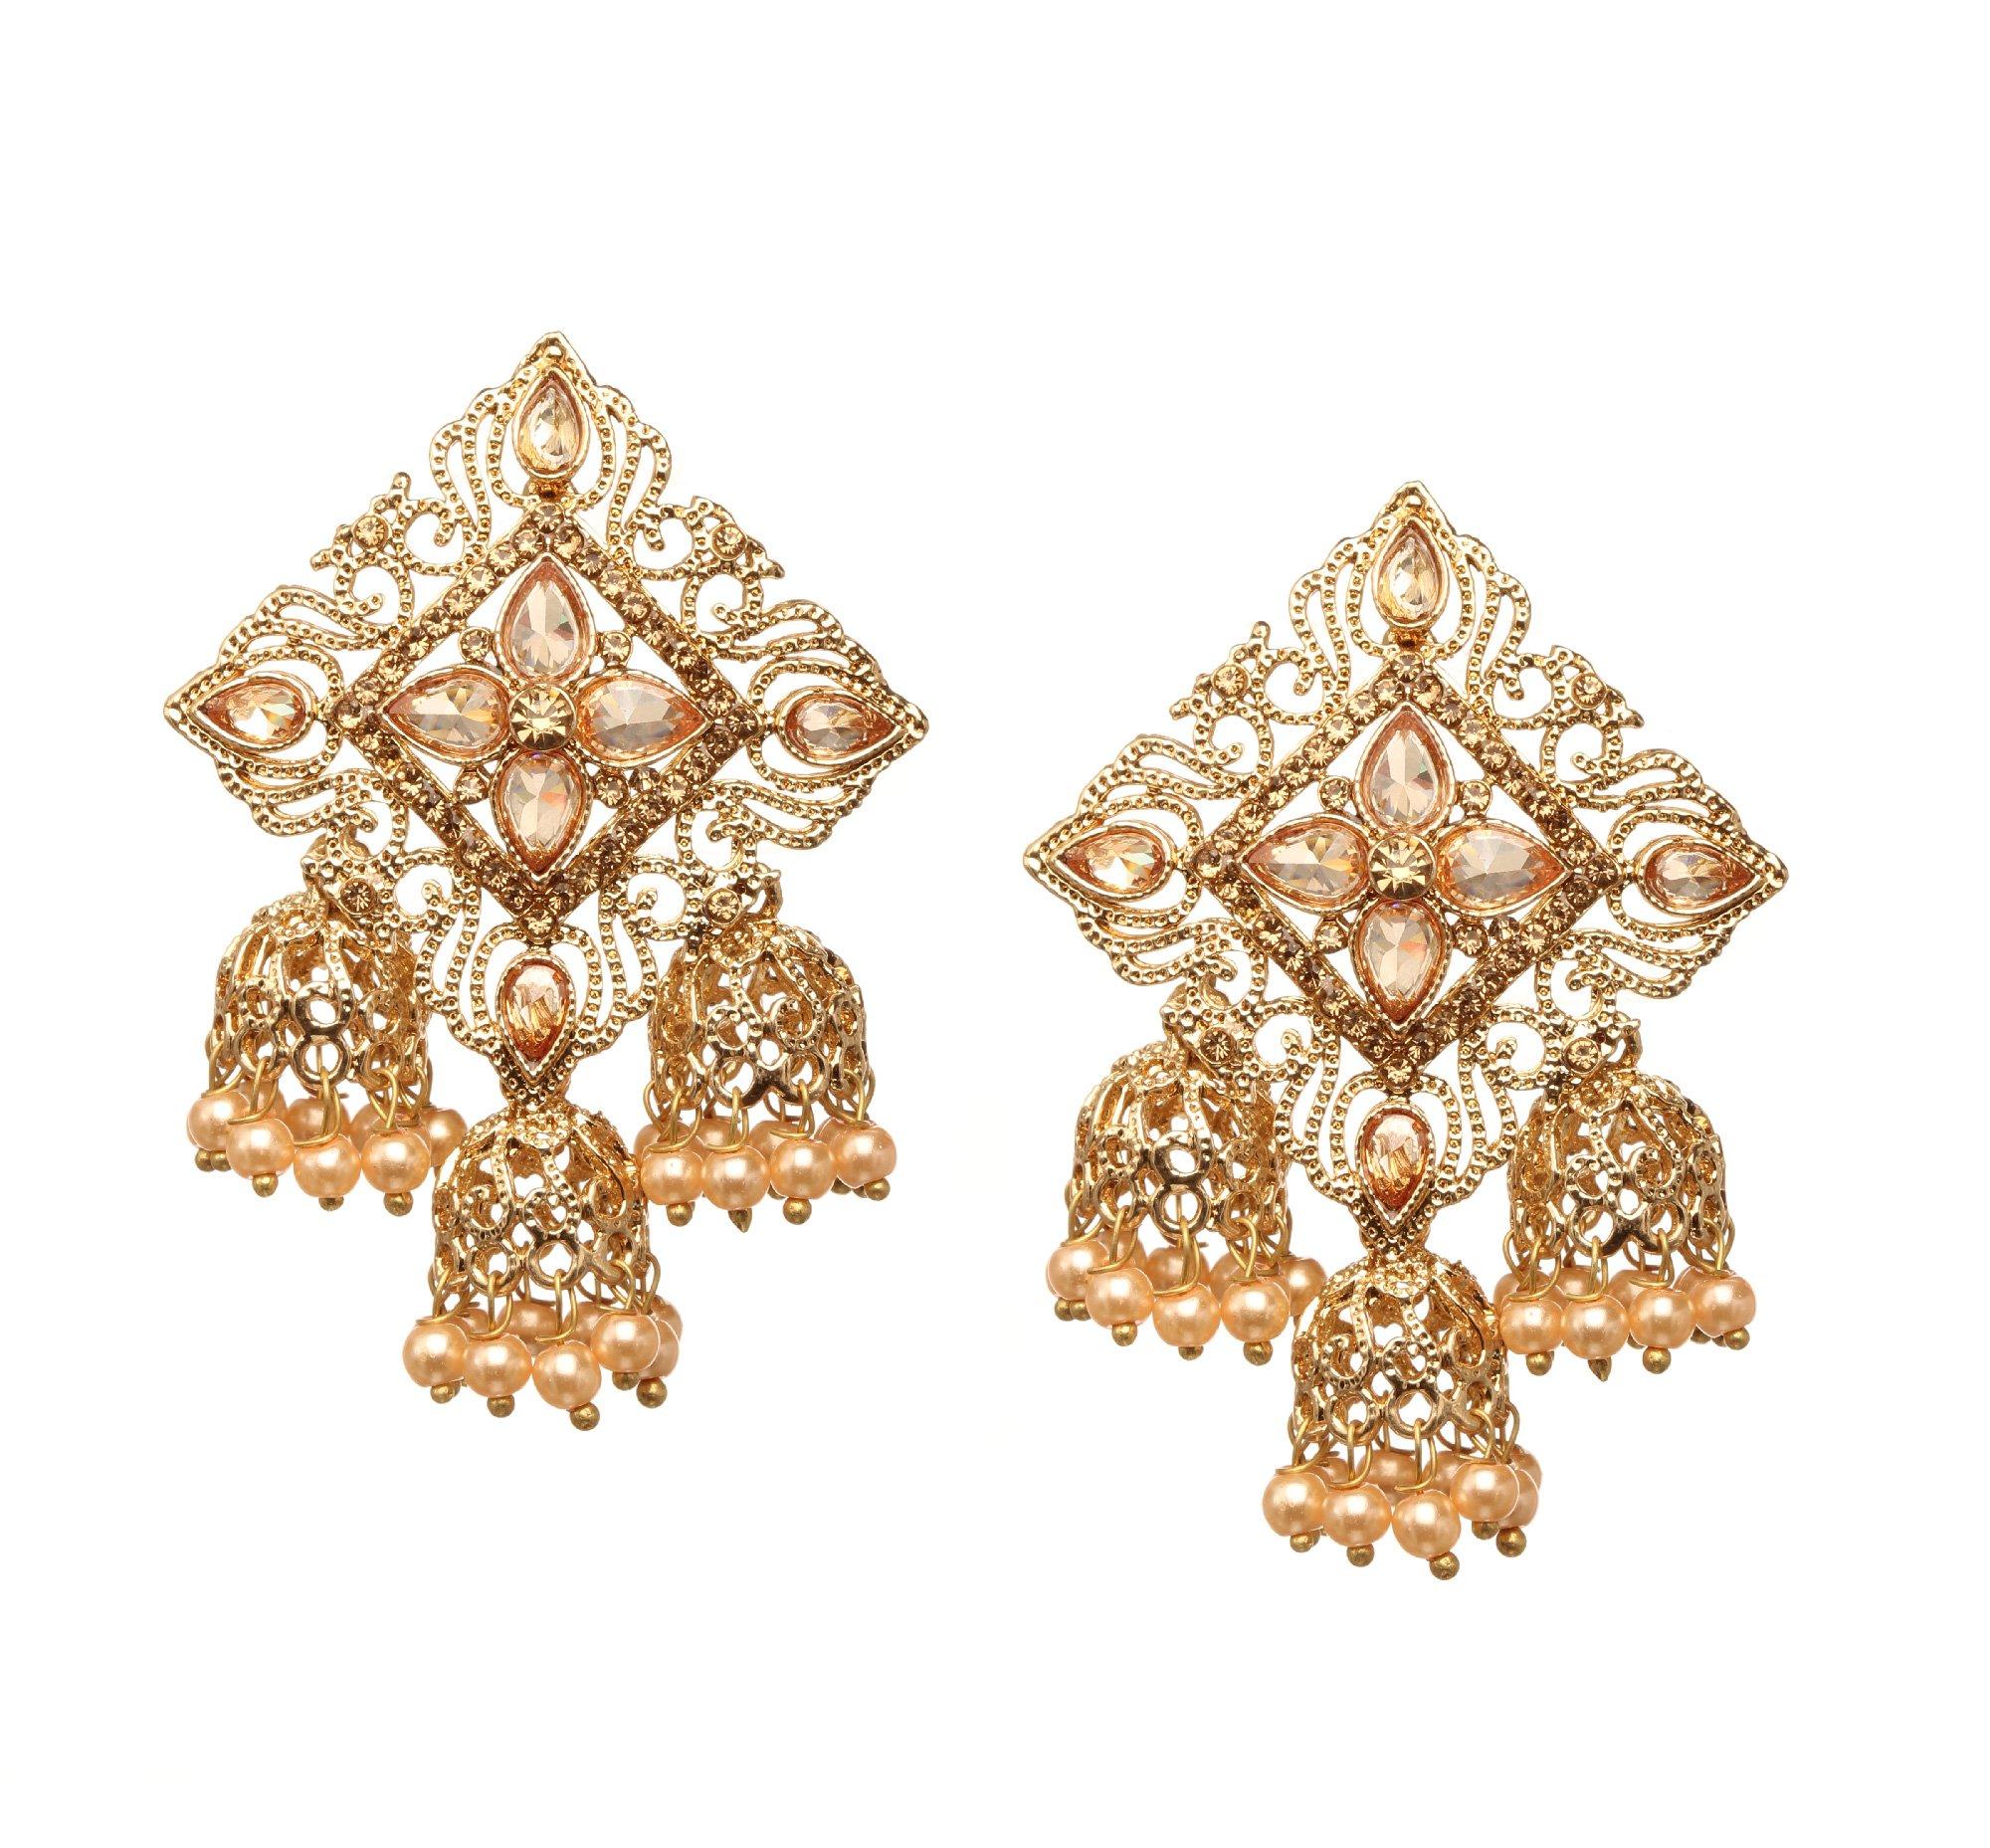 Bindhani Premium Bollywood Stylish Jewelry Wedding Golden Stone Bahubali Indian Dangle & Jhumka Jhumki Earrings For Women